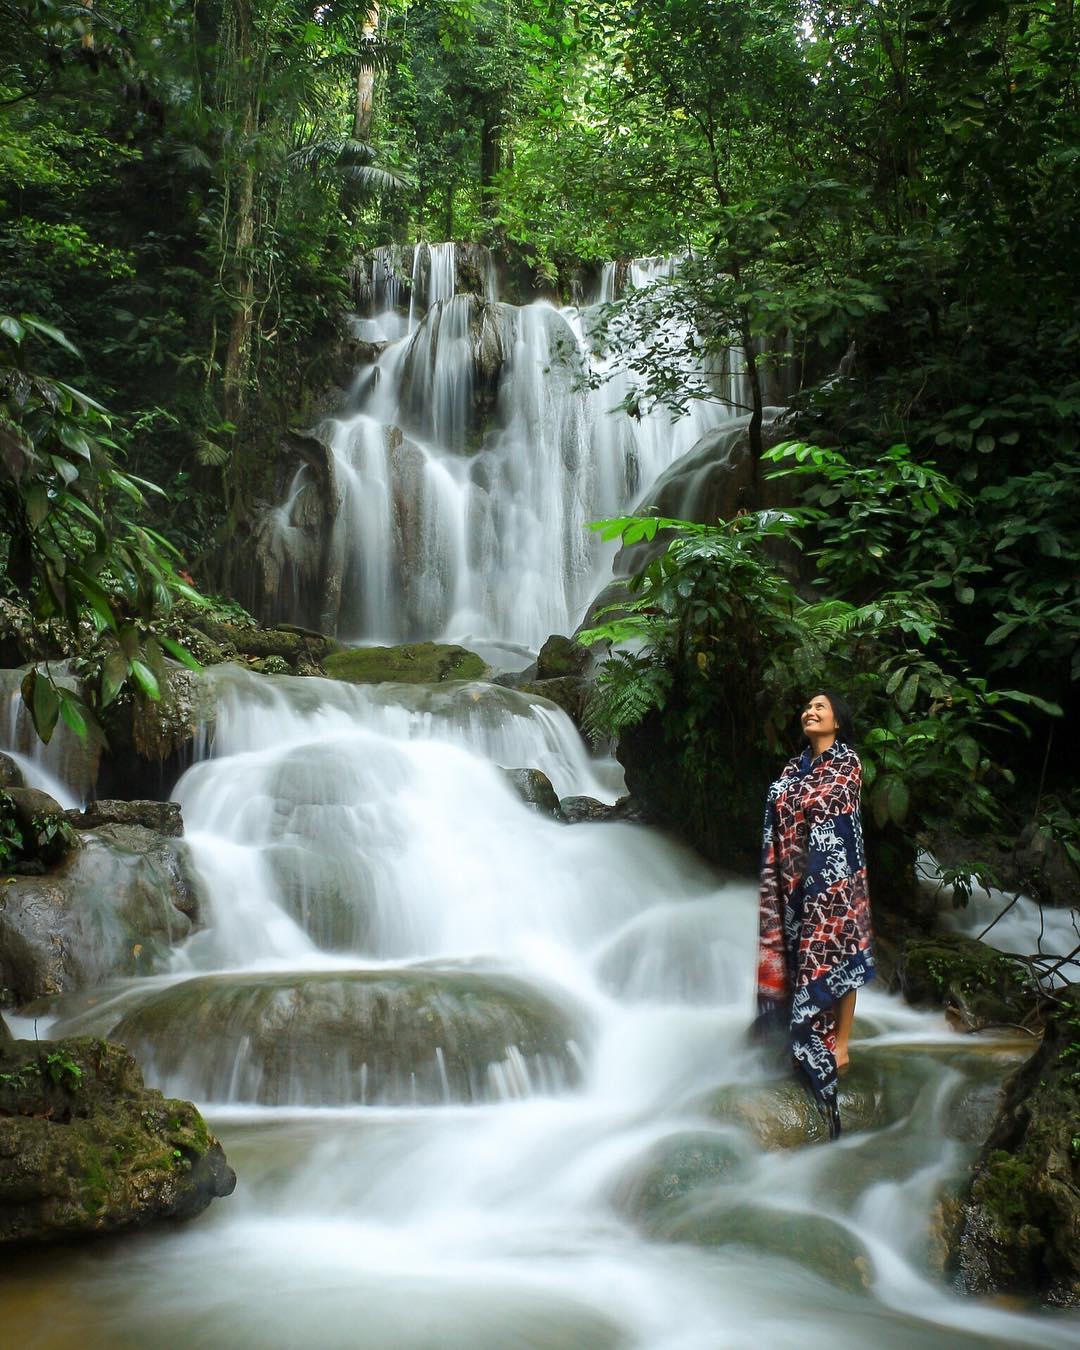 Tempat Wisata Di Sulawesi Selatan Yang Lagi Hits Makassar Guide Panduan Wisata Sulawesi Selatan